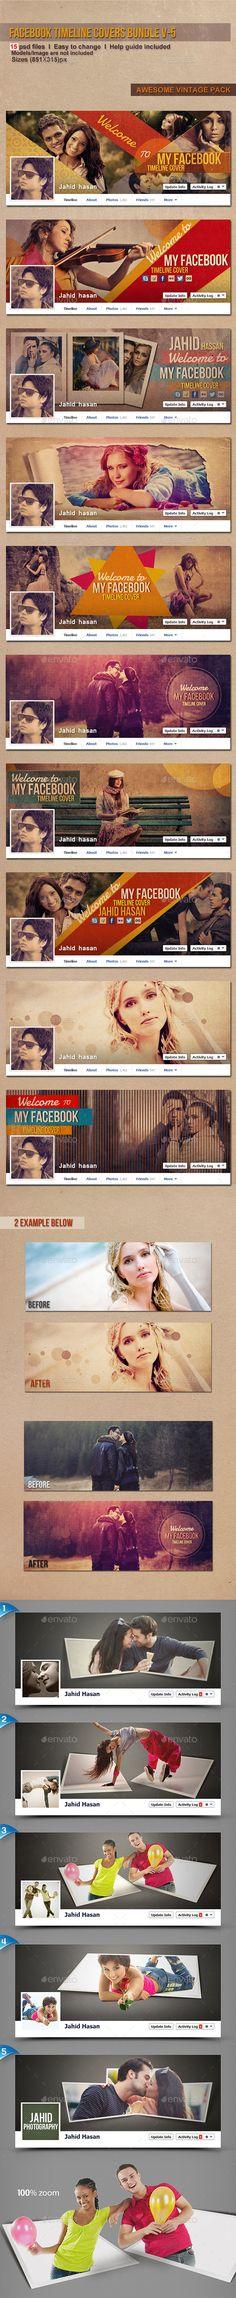 FB Timeline Covers Bundle V-5